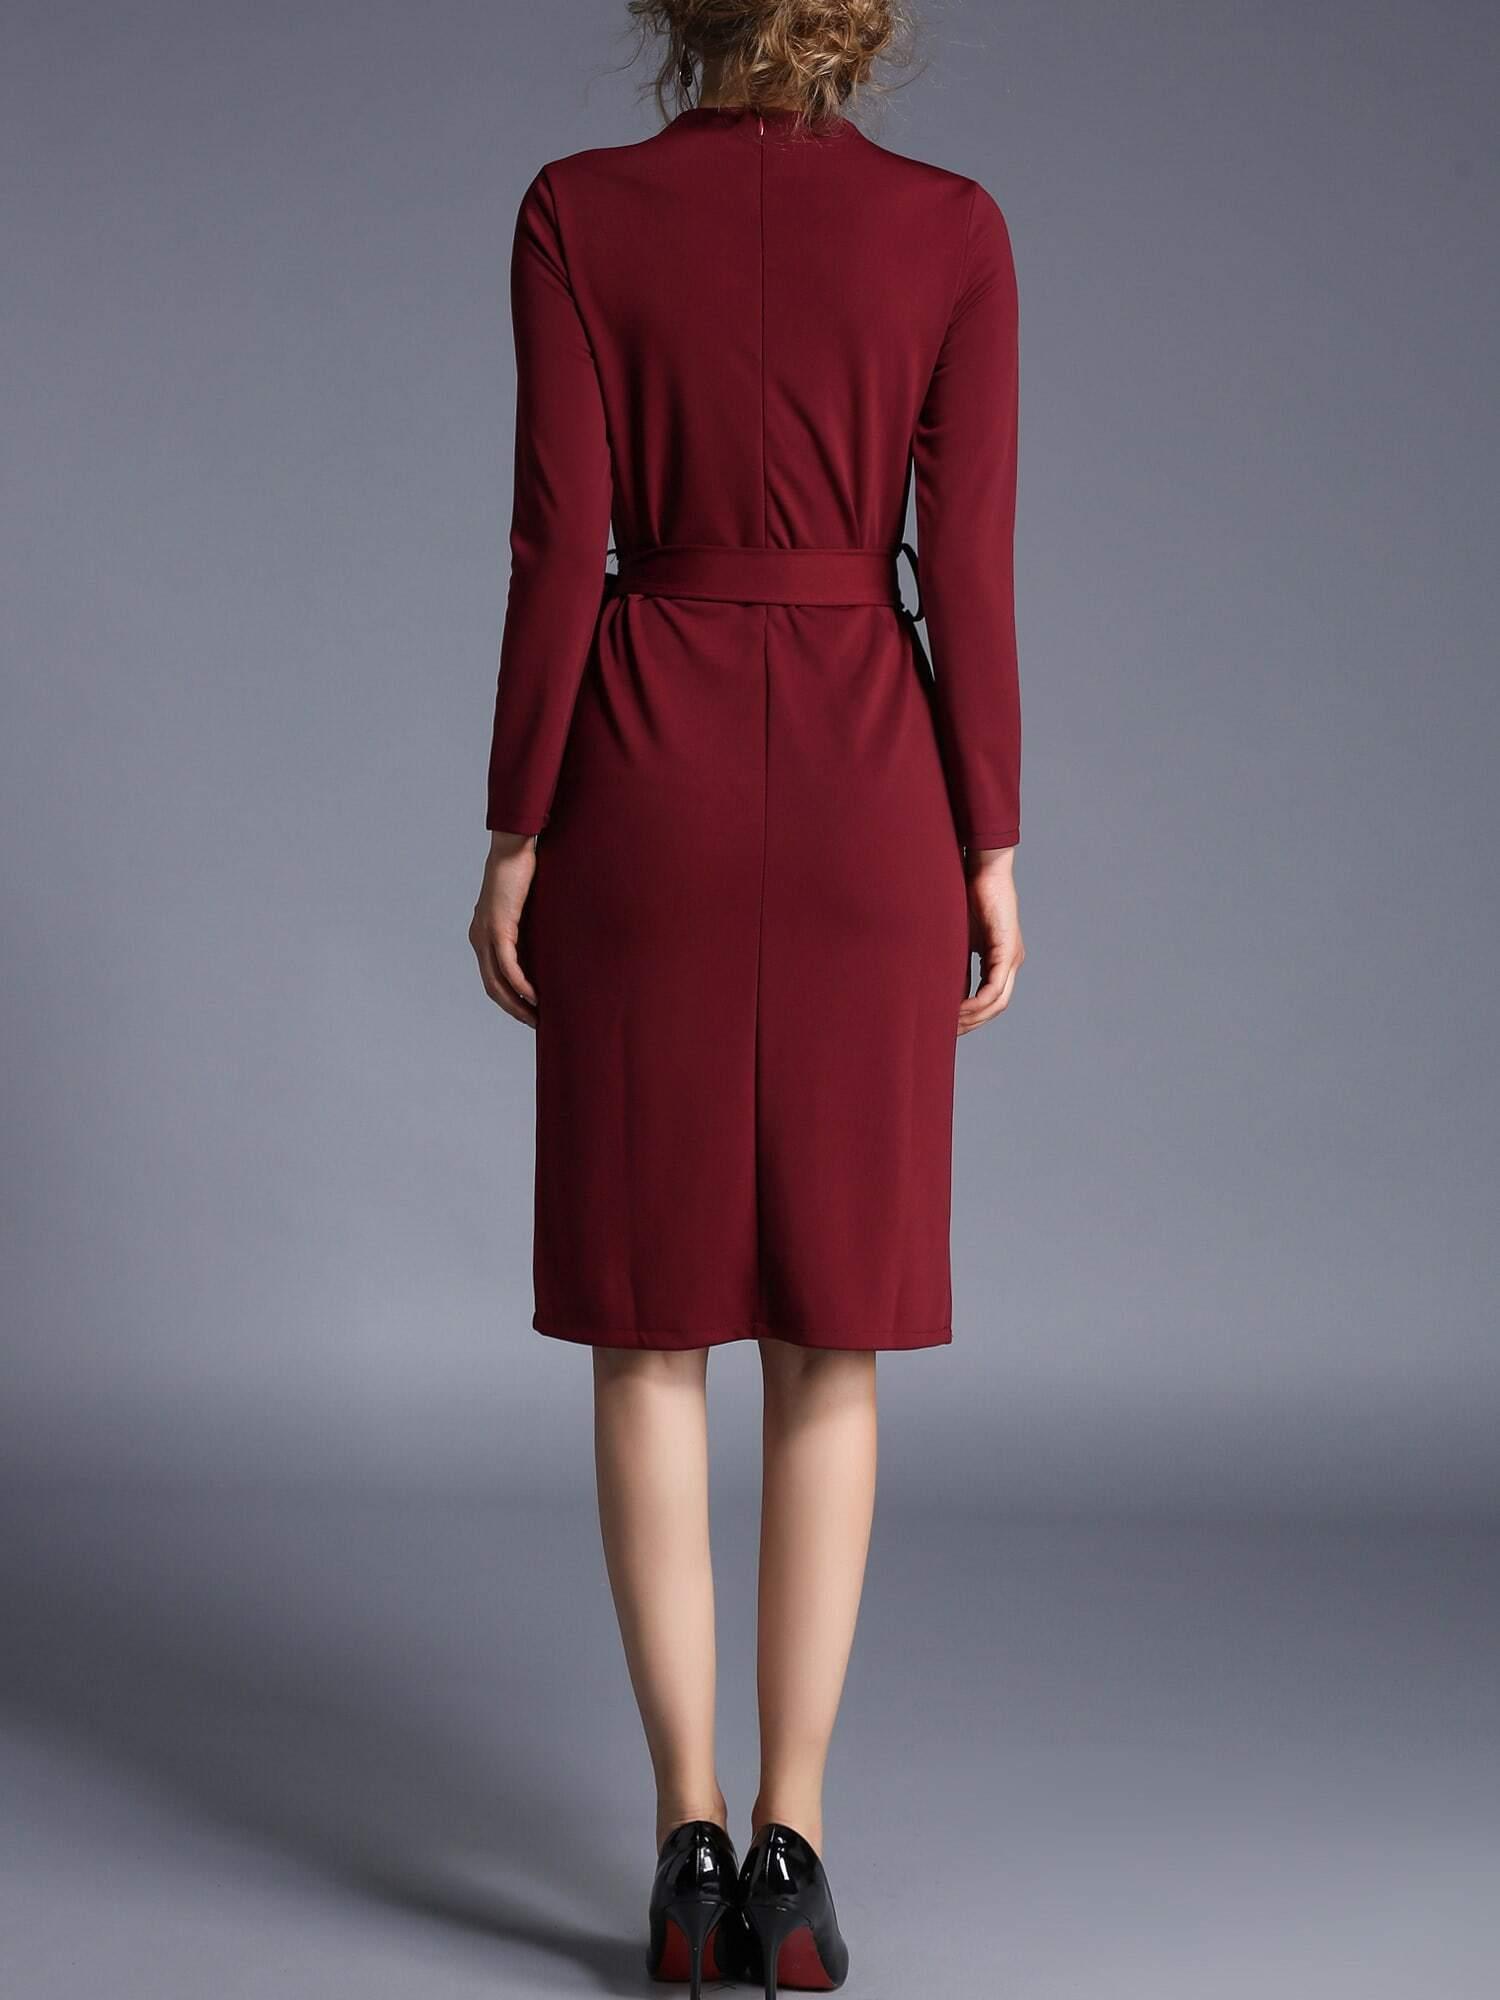 dress161220609_2